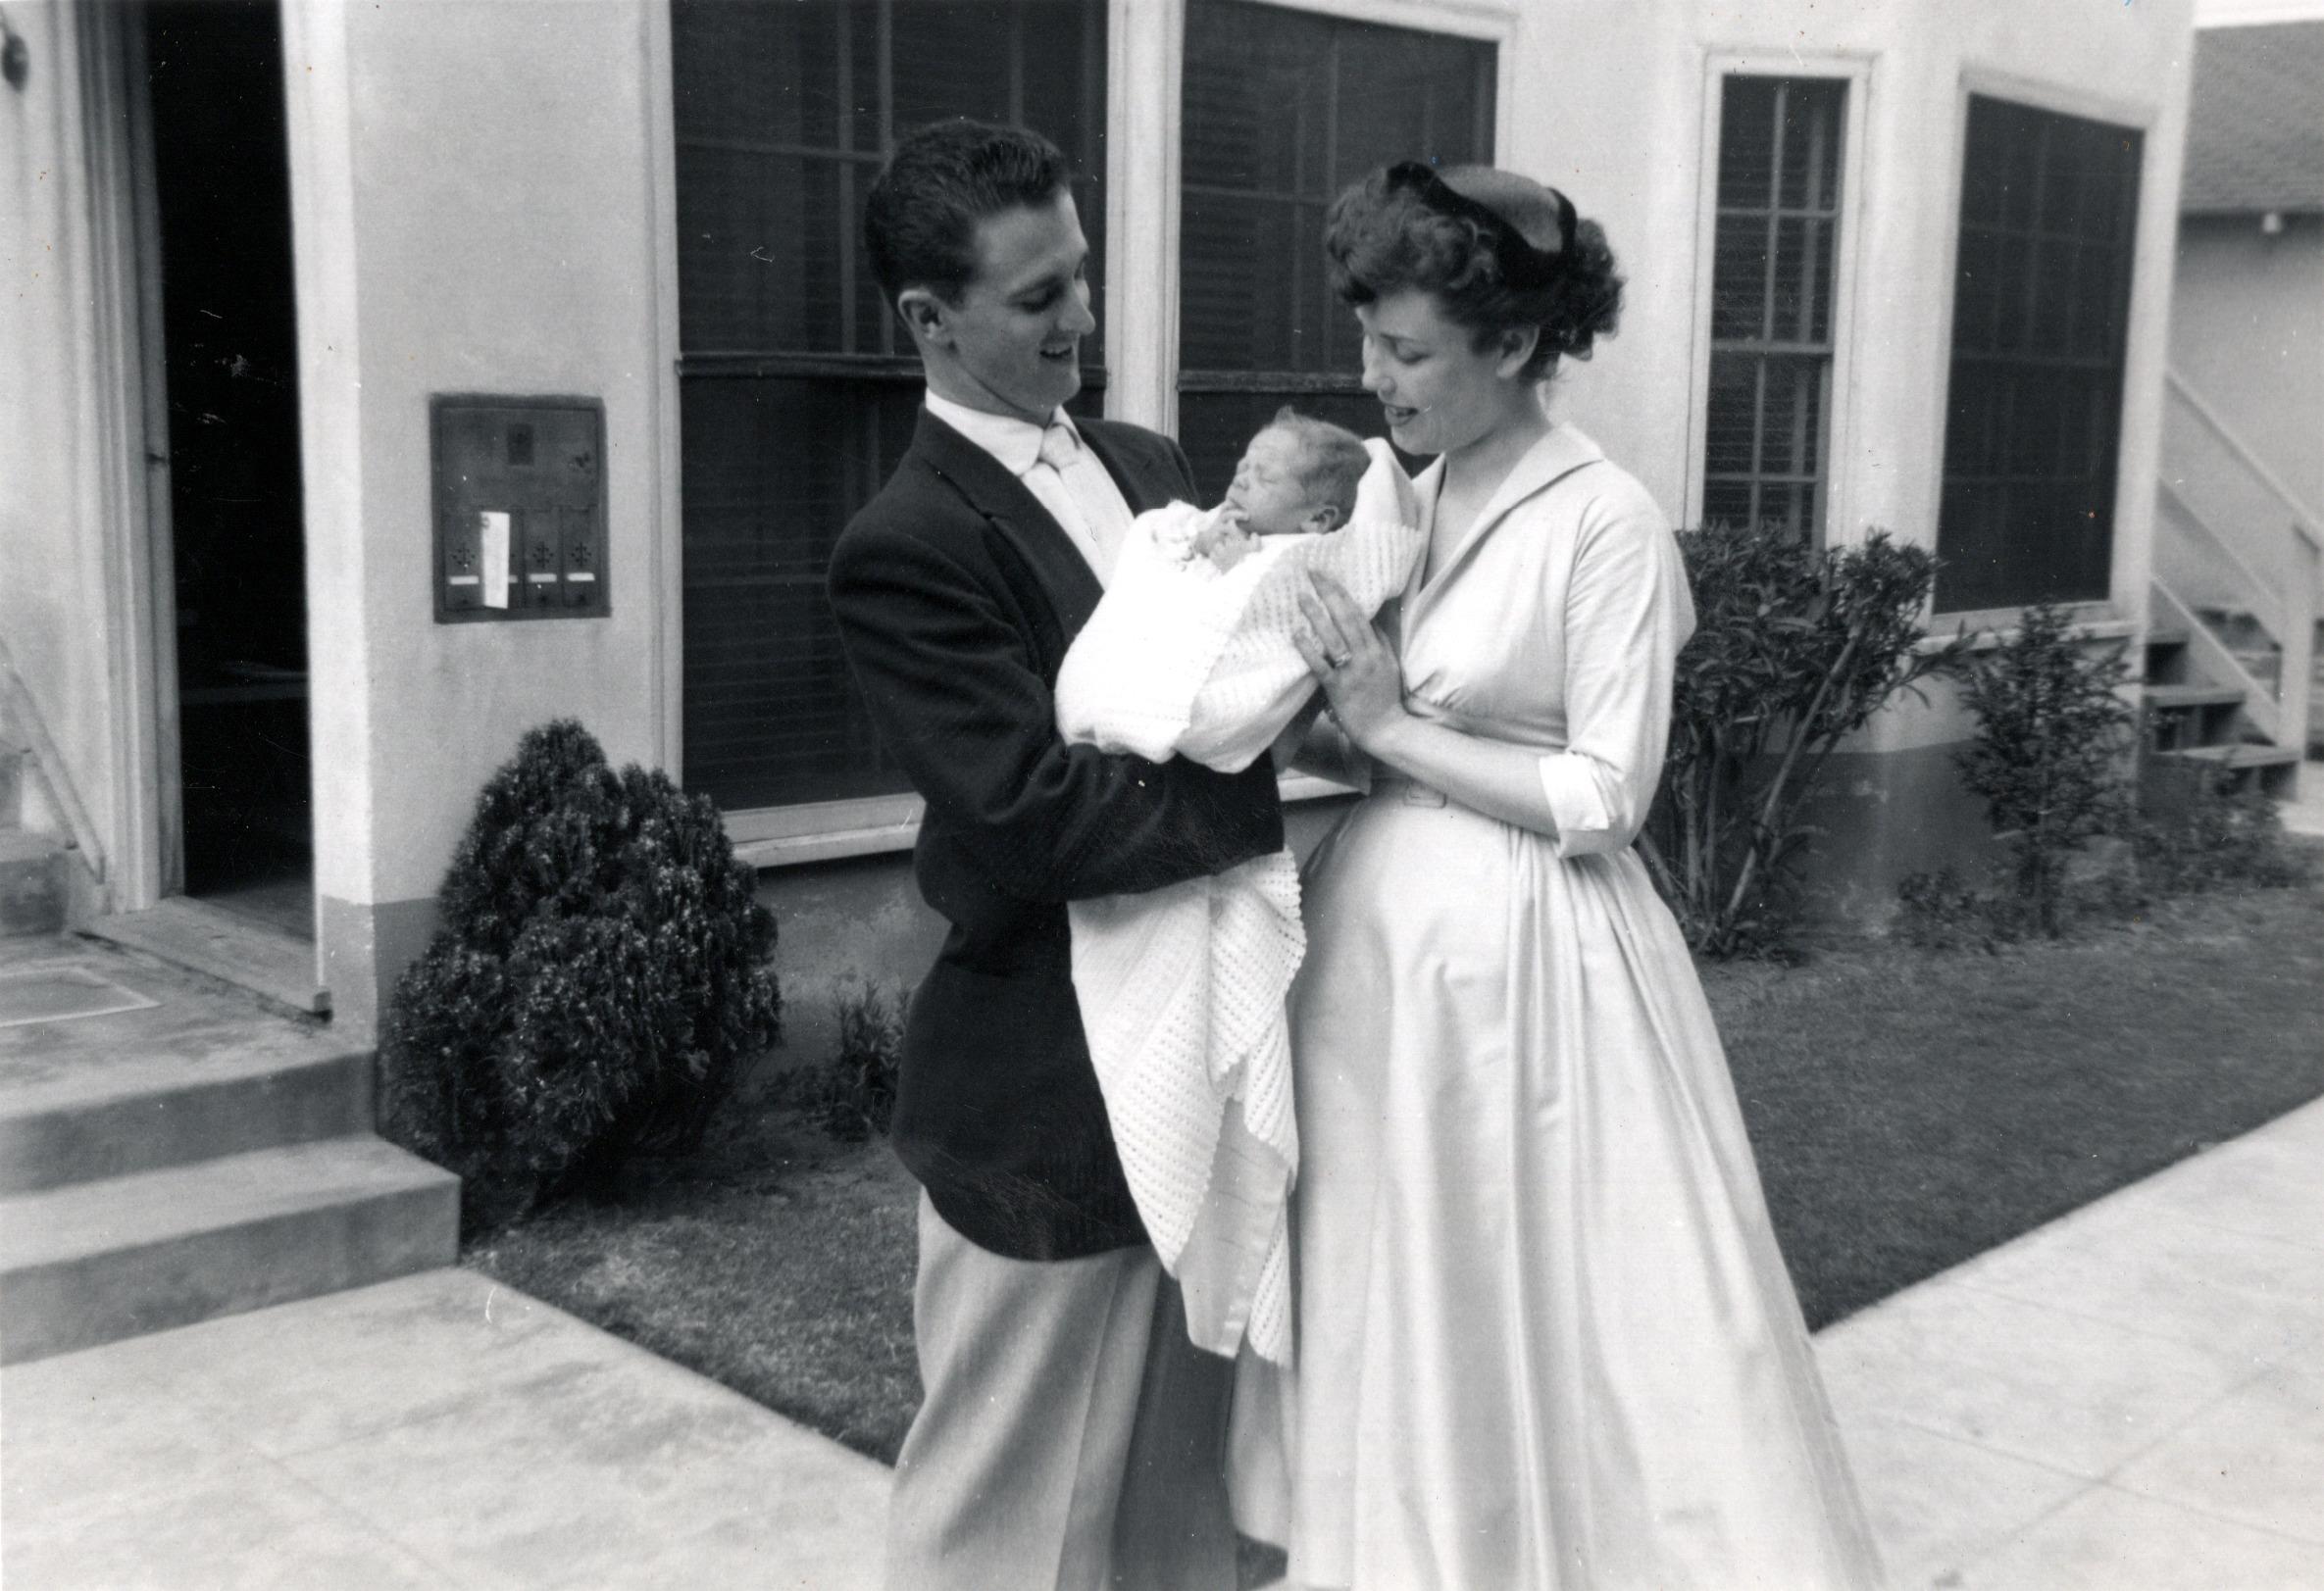 Buddy's Baptism - Dad, Buddy & Mom - March 1956